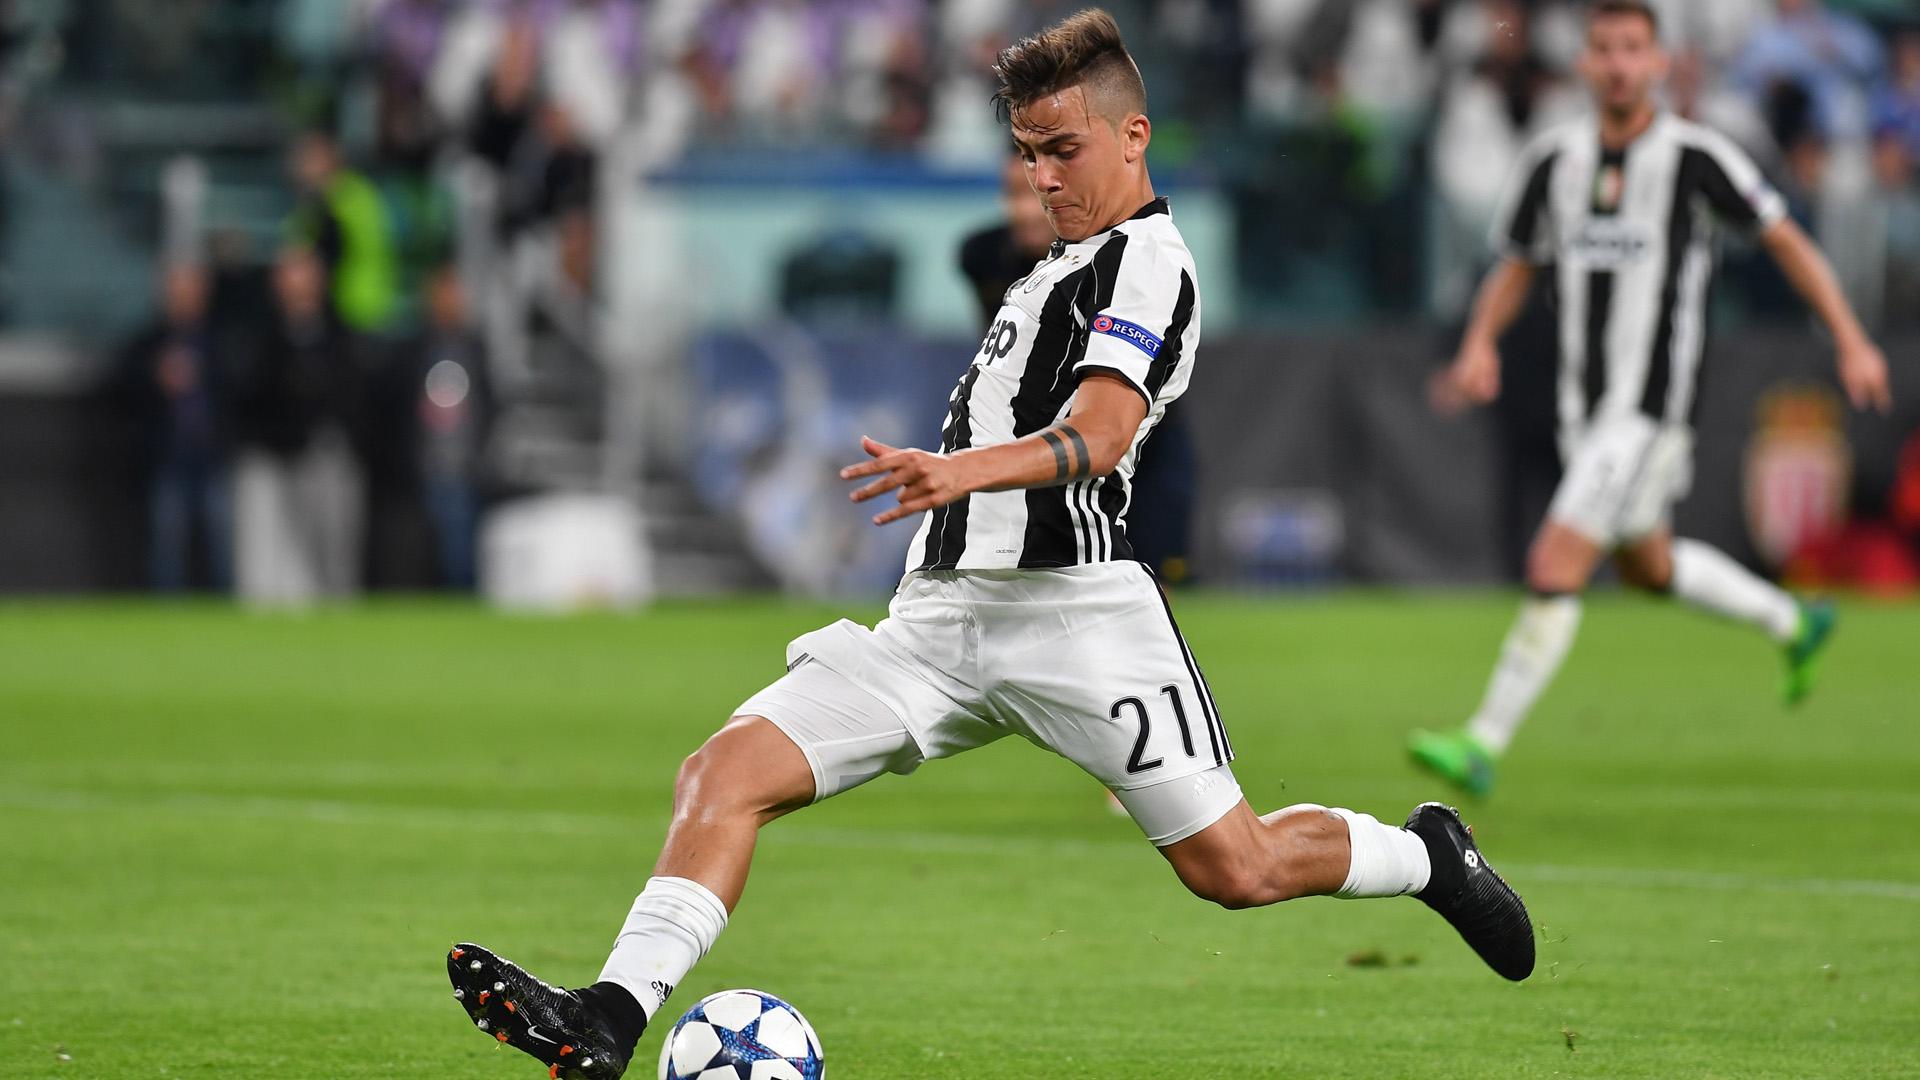 Stürmer ist Dybala Star Juves reich Paulo GehaltWie K1Tc3lJF